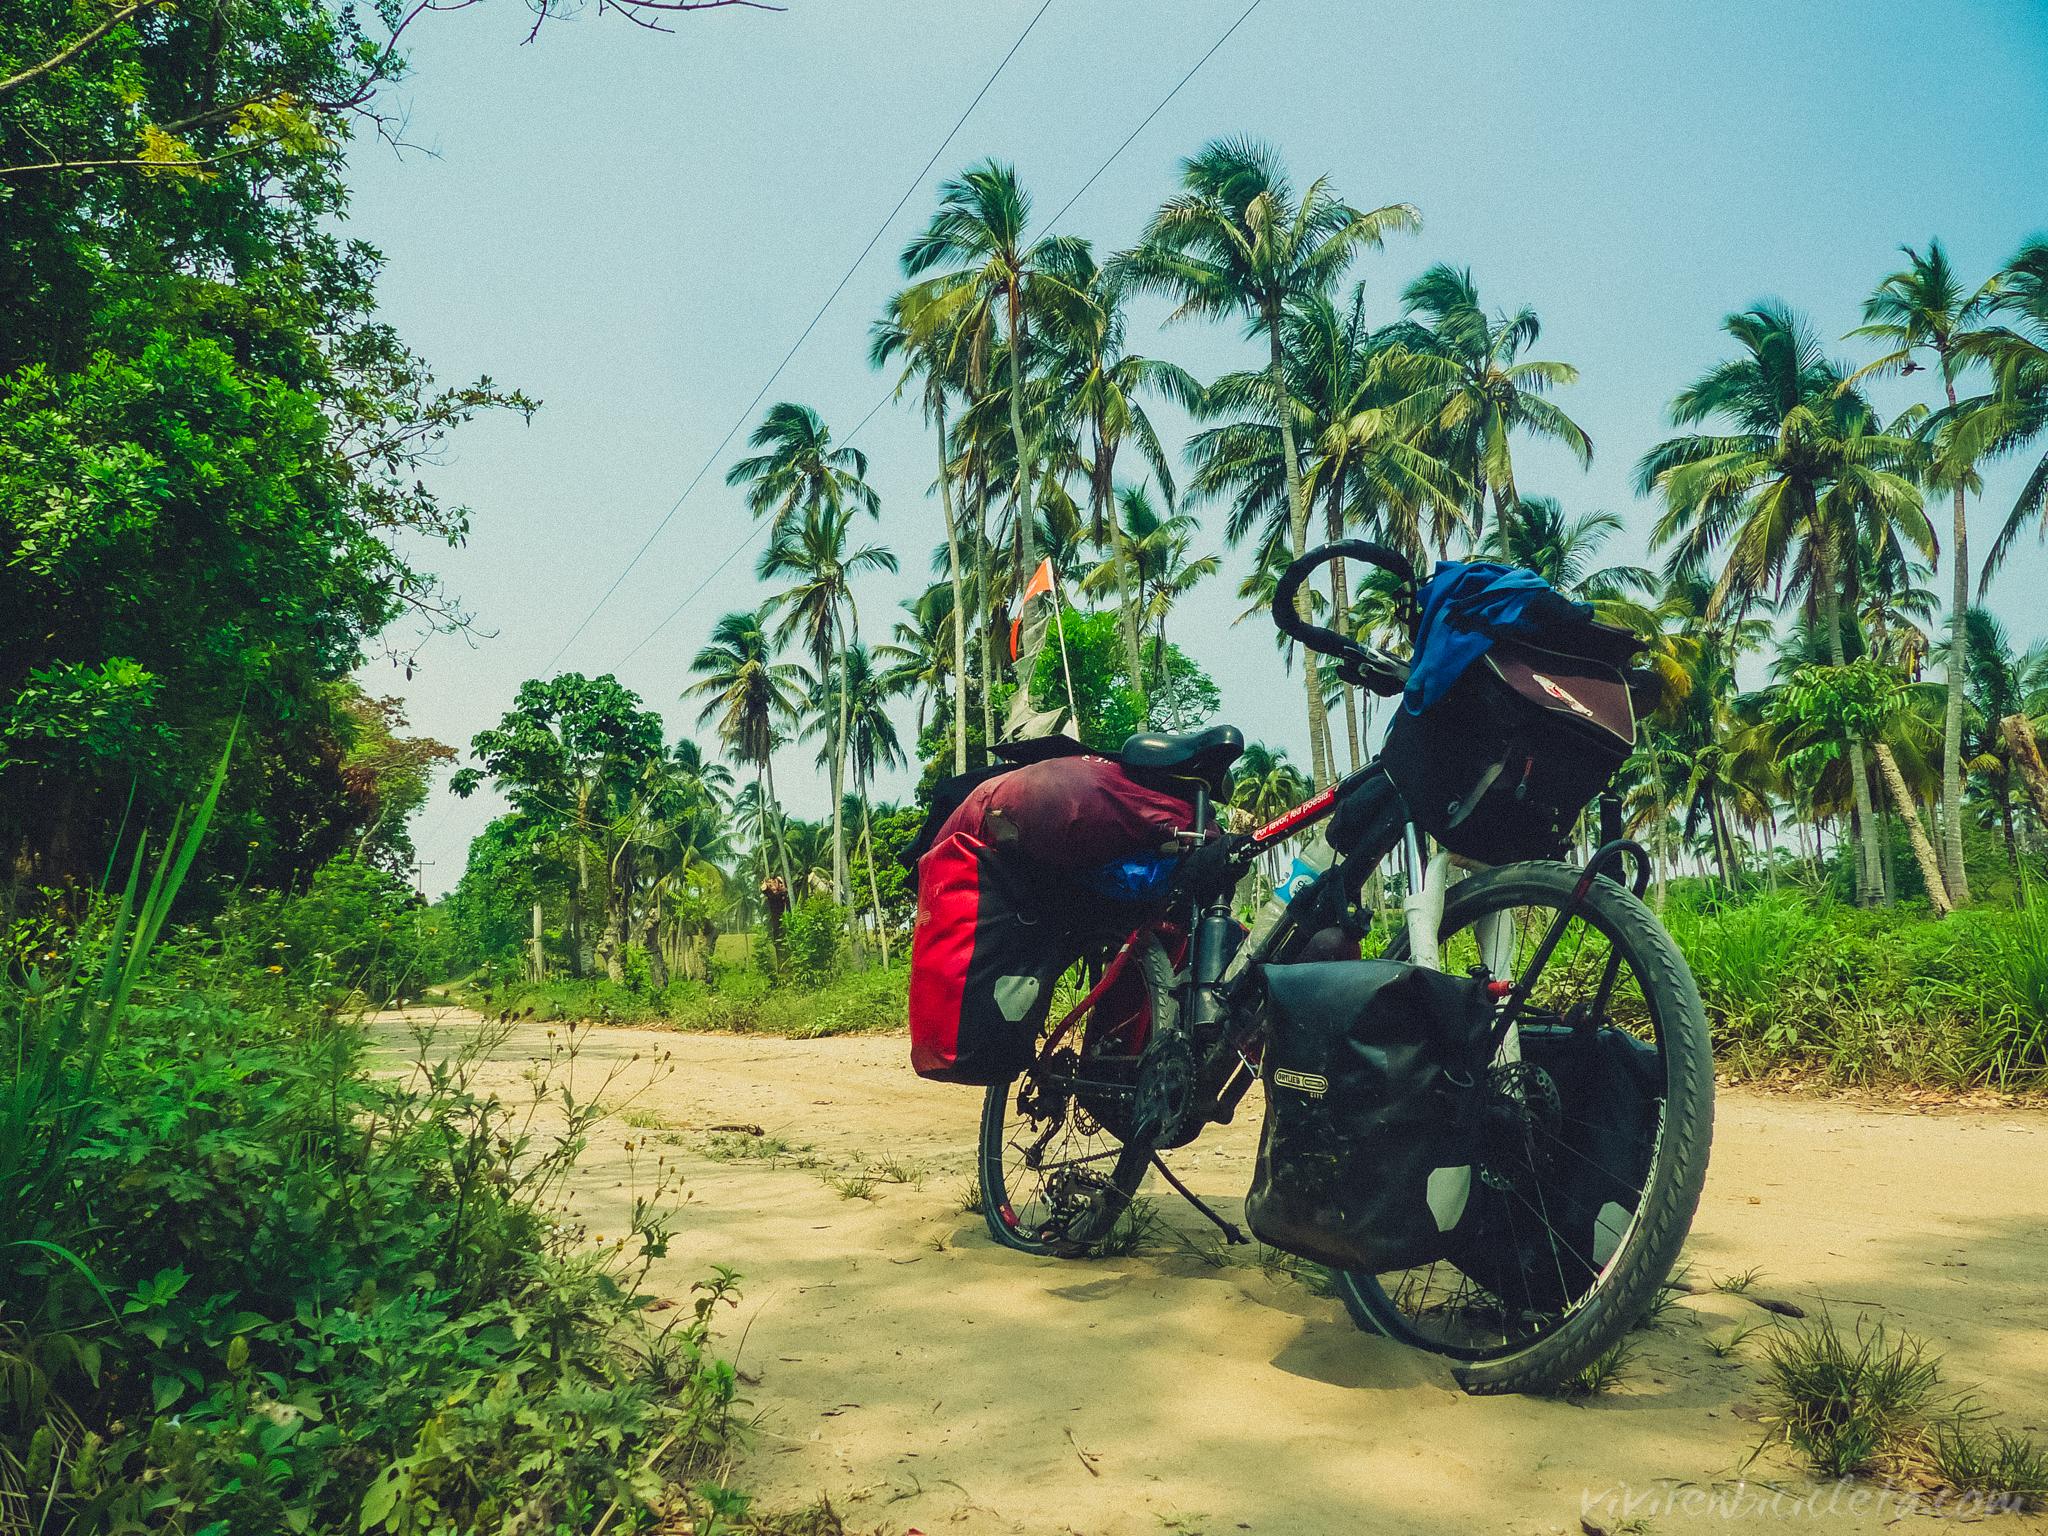 Vivir en Bicicleta Bienvenido a la selva image 4